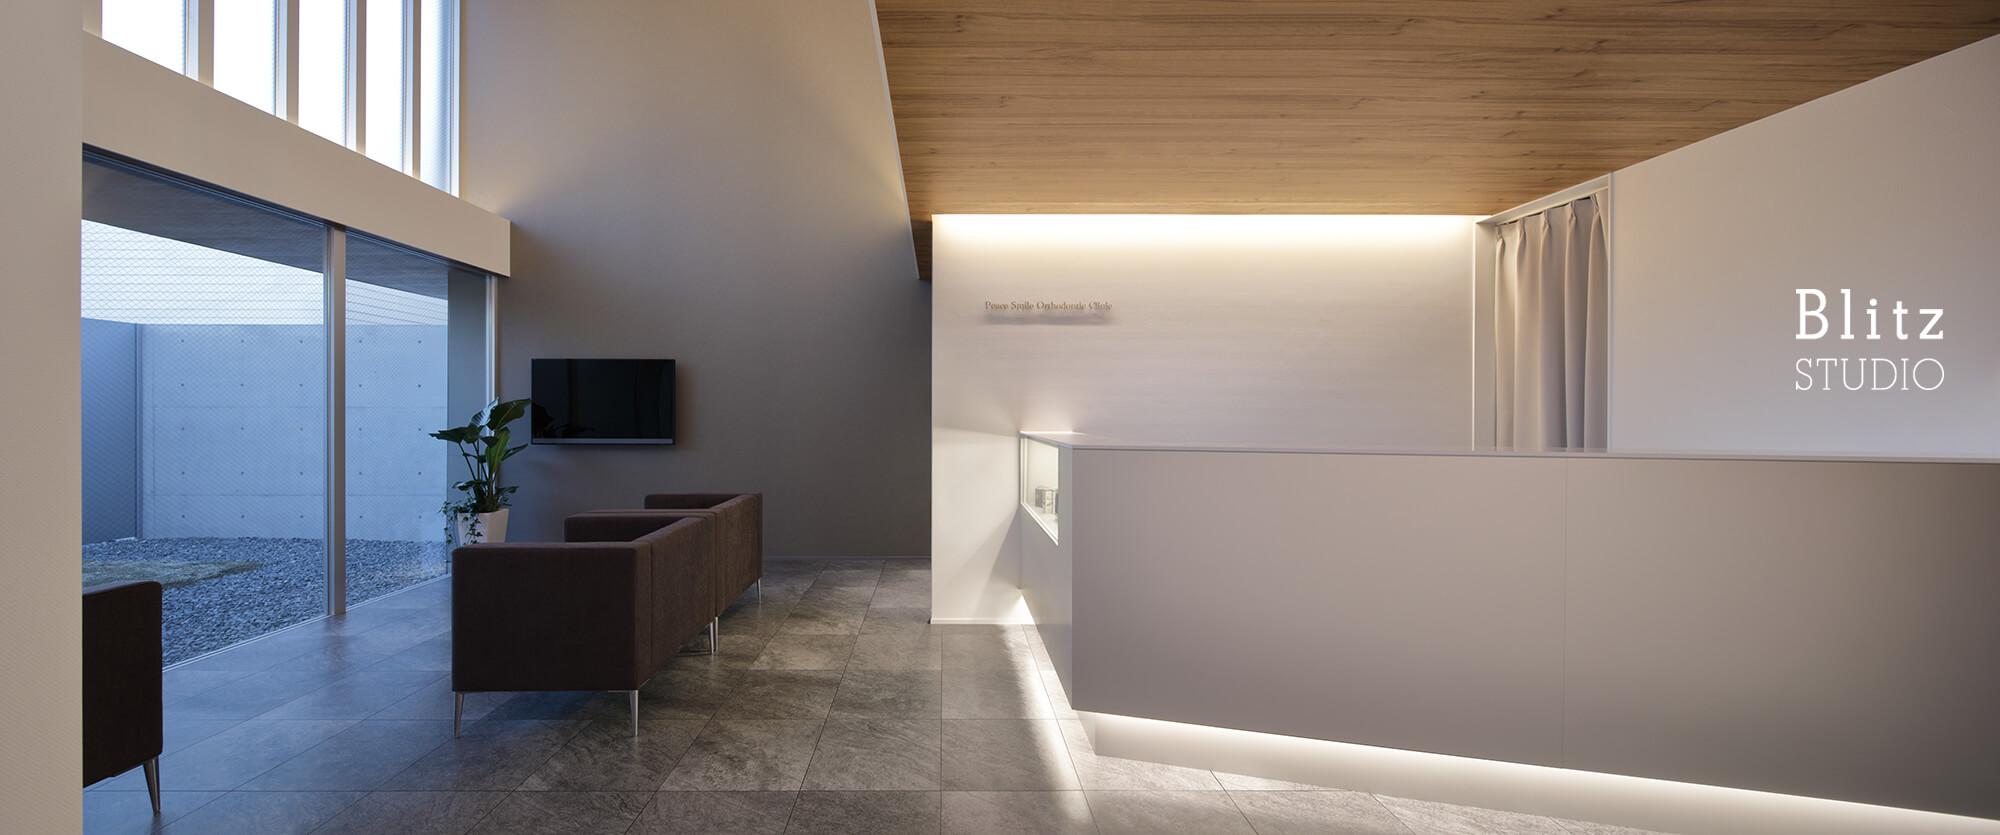 『ピーススマイル矯正歯科』-福岡県久留米市-建築写真・竣工写真・インテリア写真3